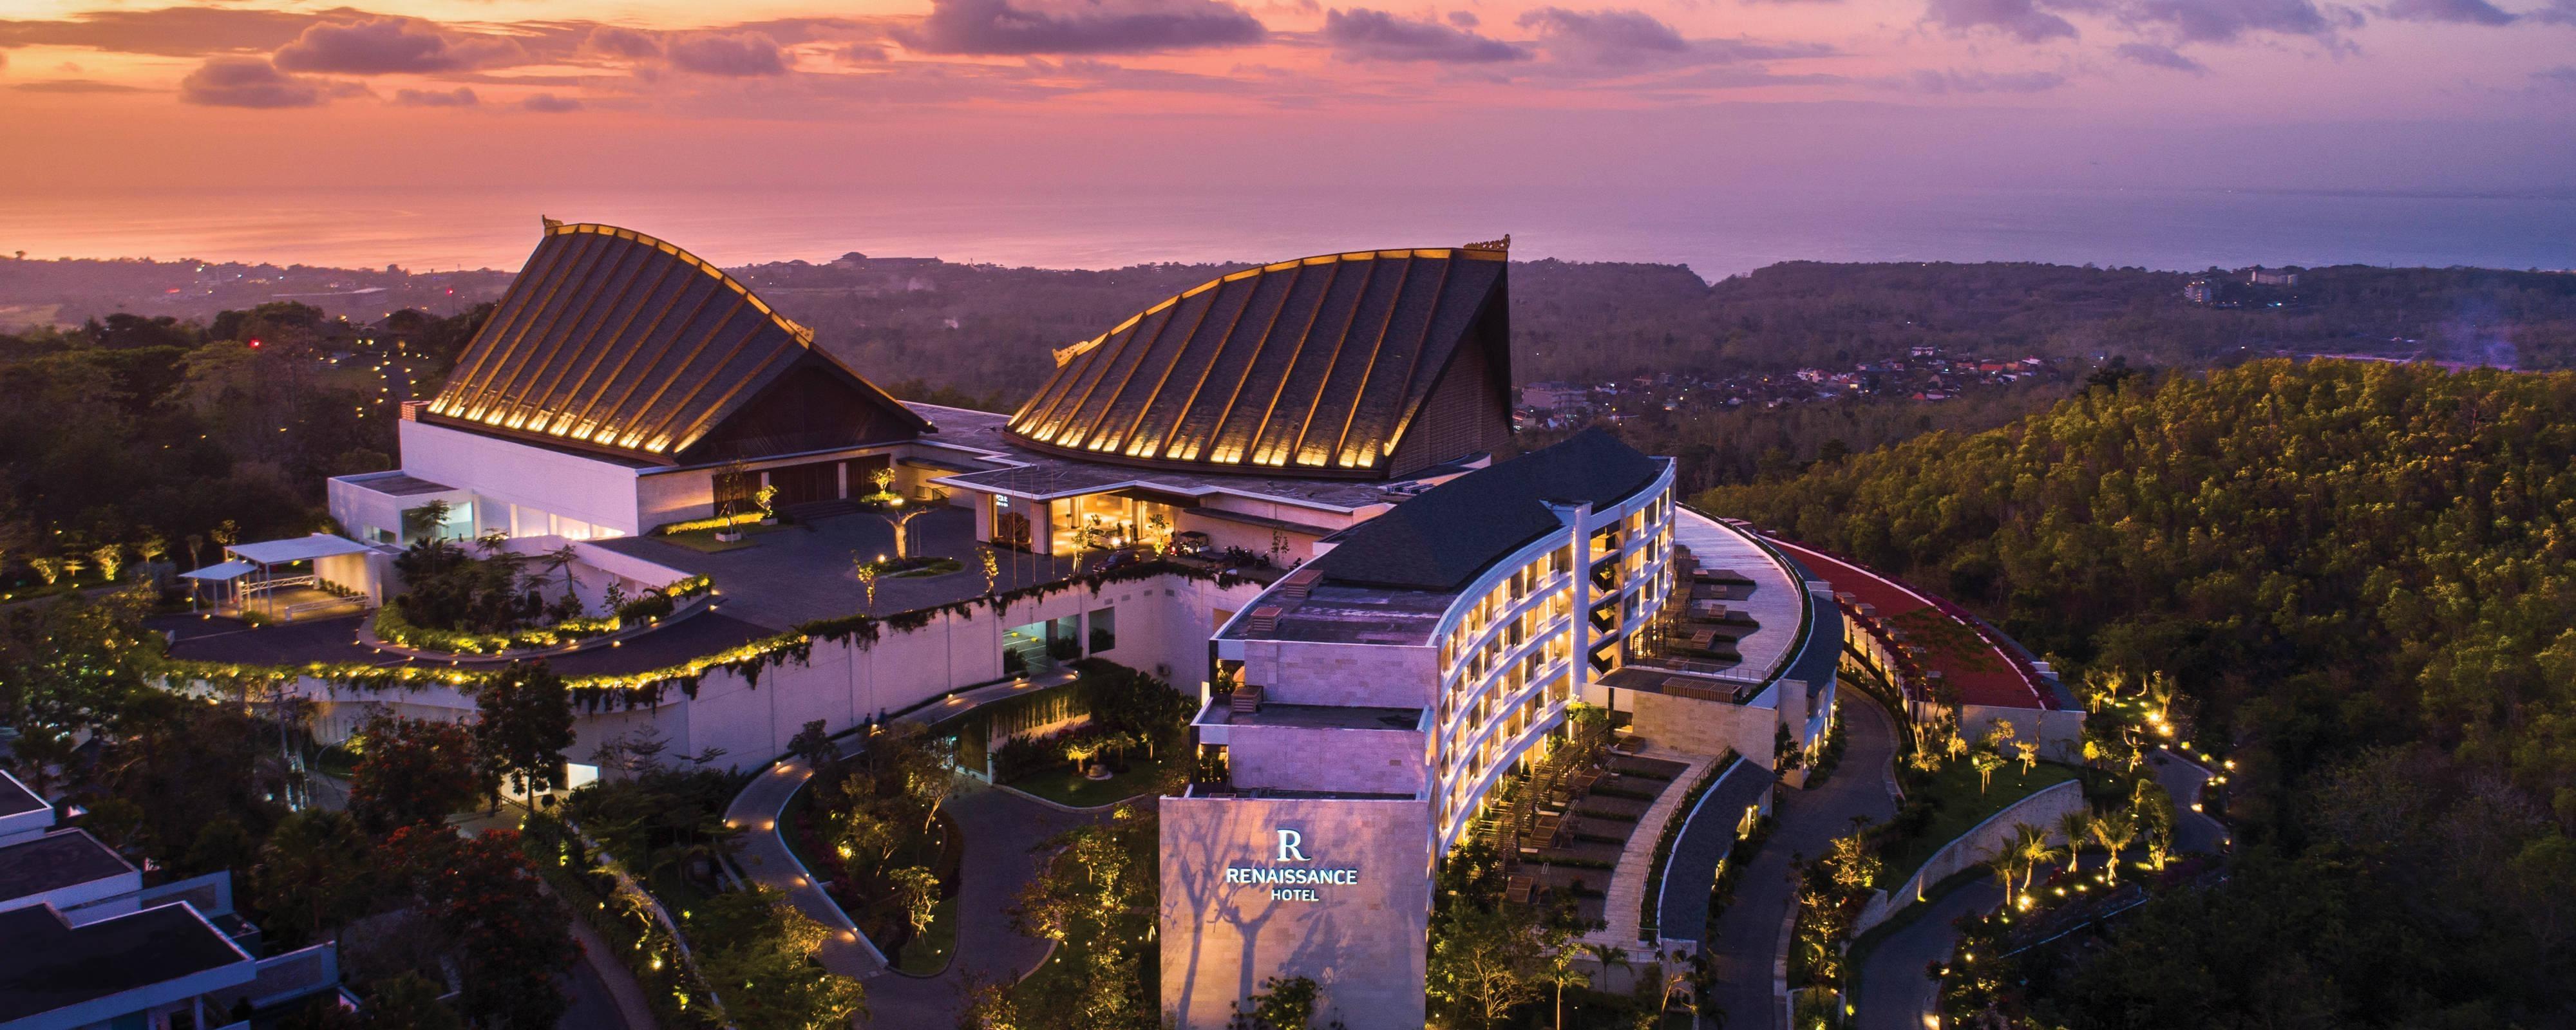 Uluwatu Hotels 5 Star Renaissance Bali Uluwatu Resort Spa